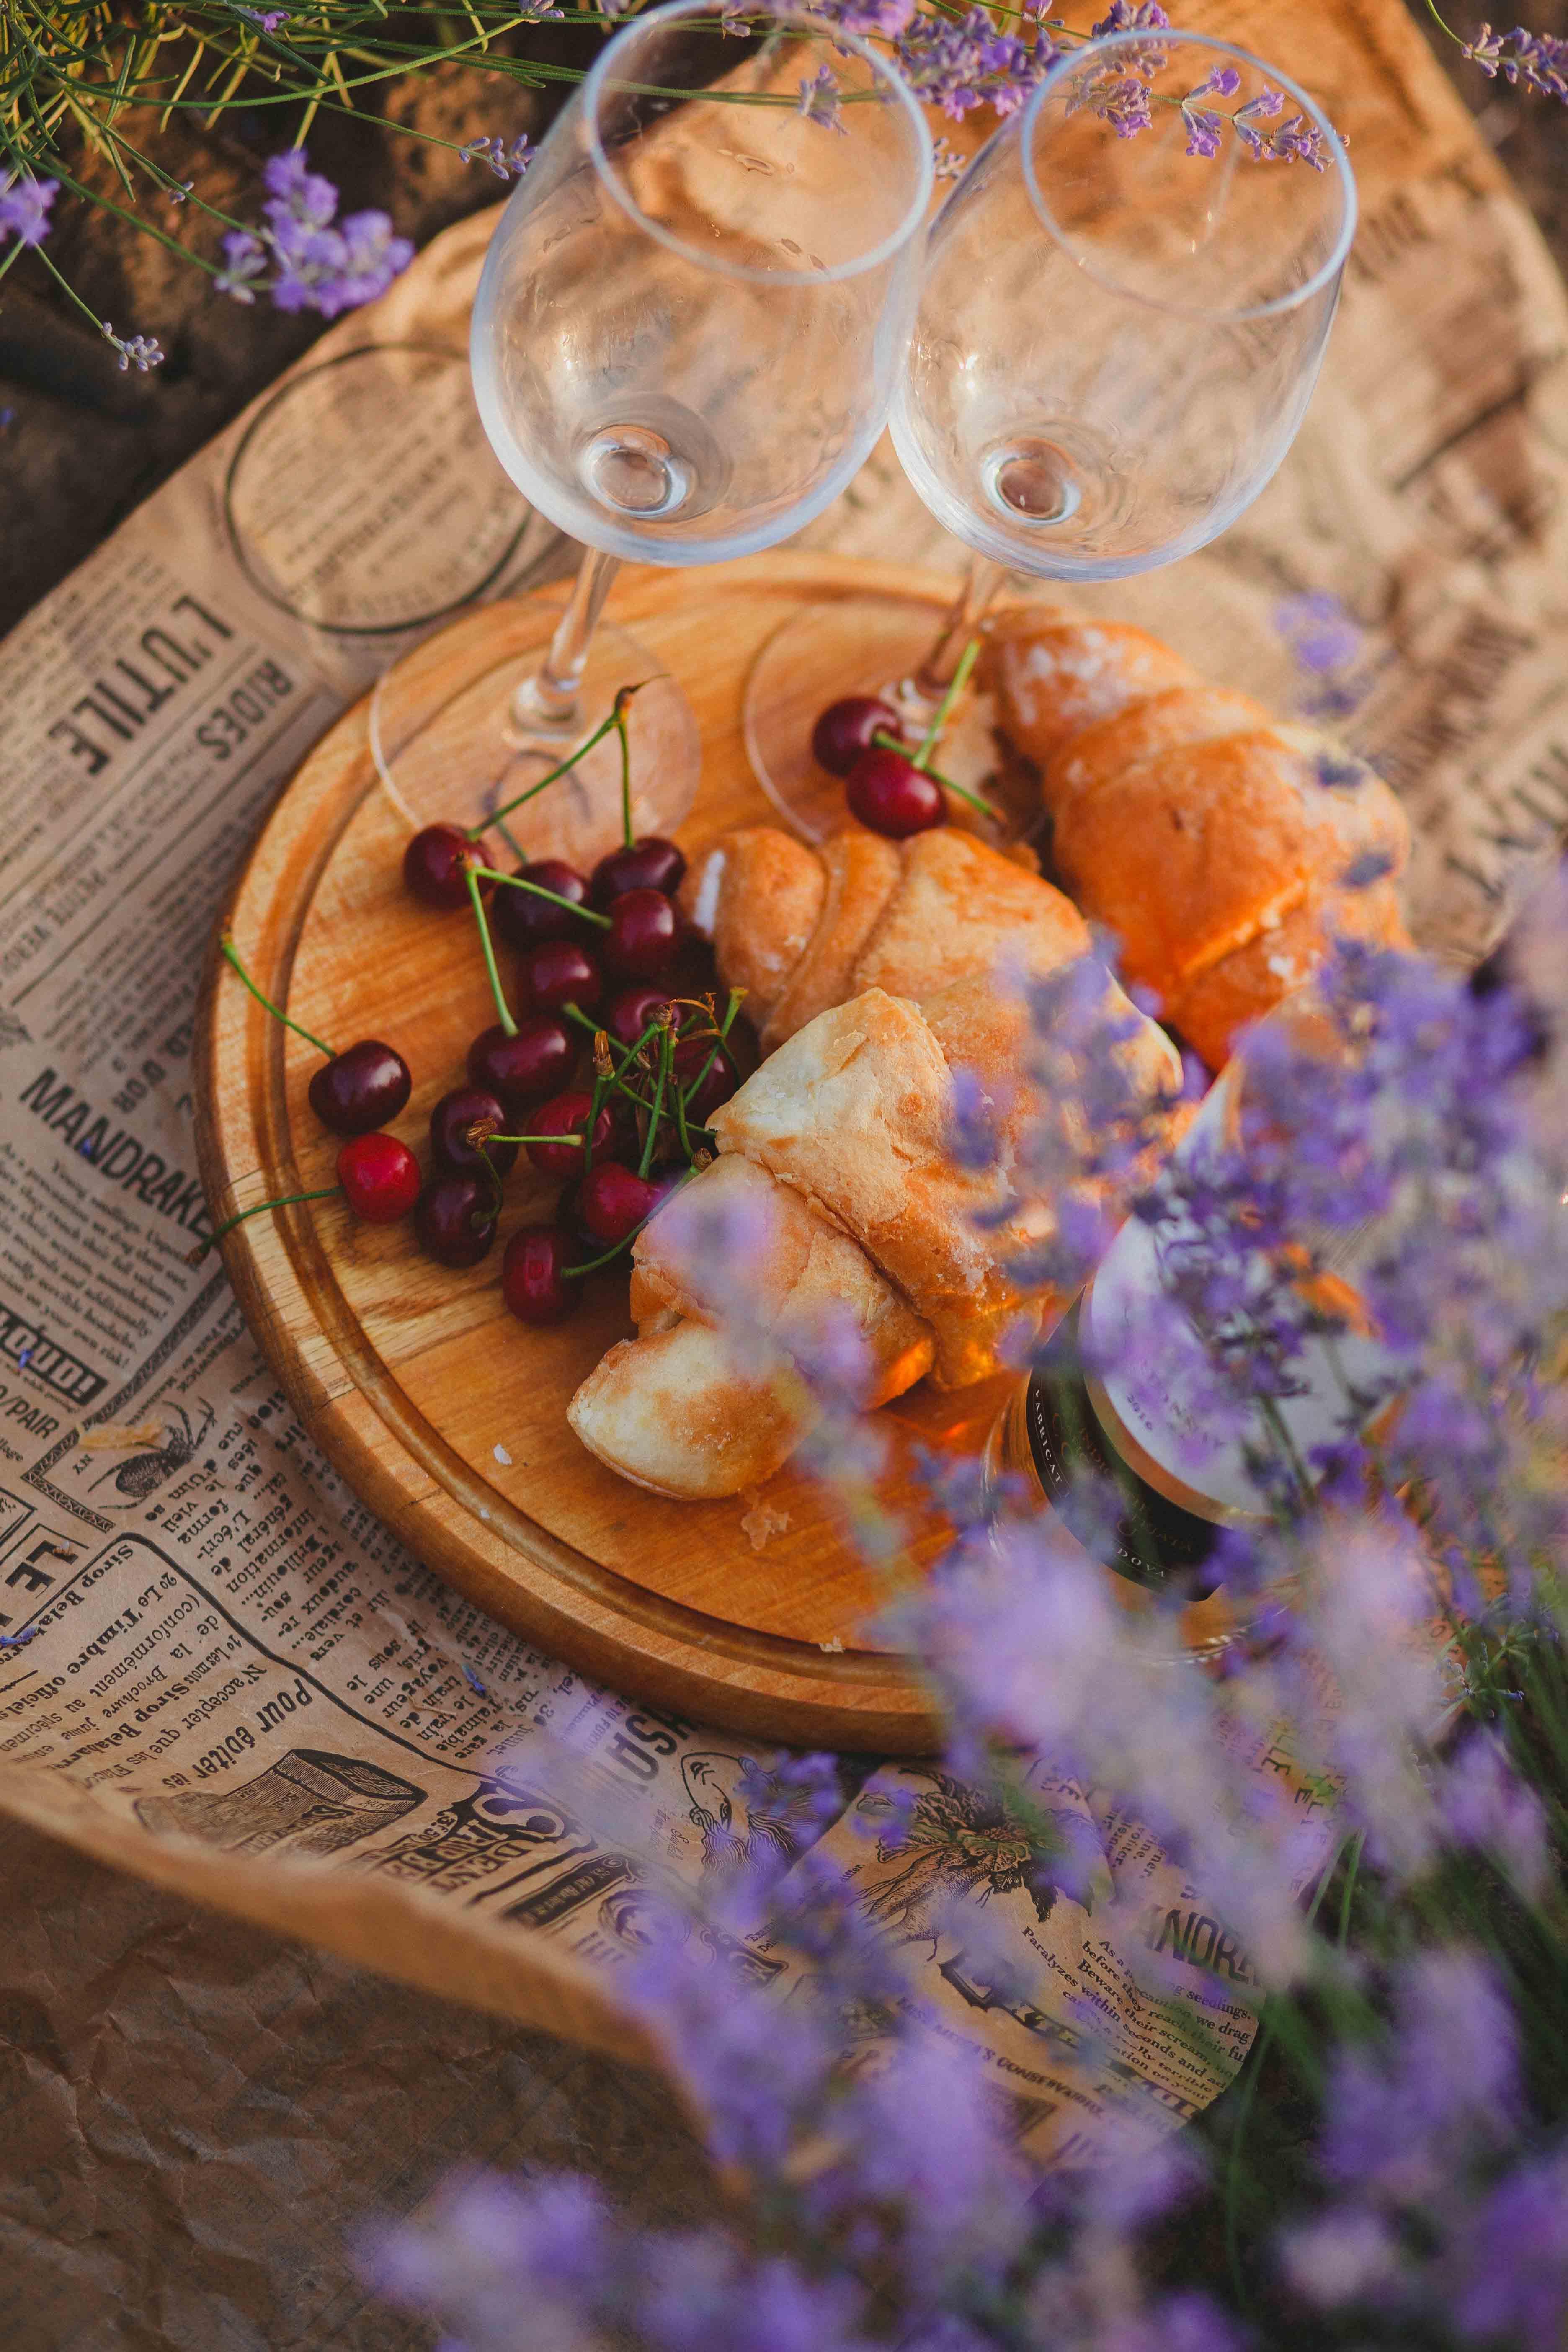 Gratis lagerfoto af avis, blomster, brød, close-up